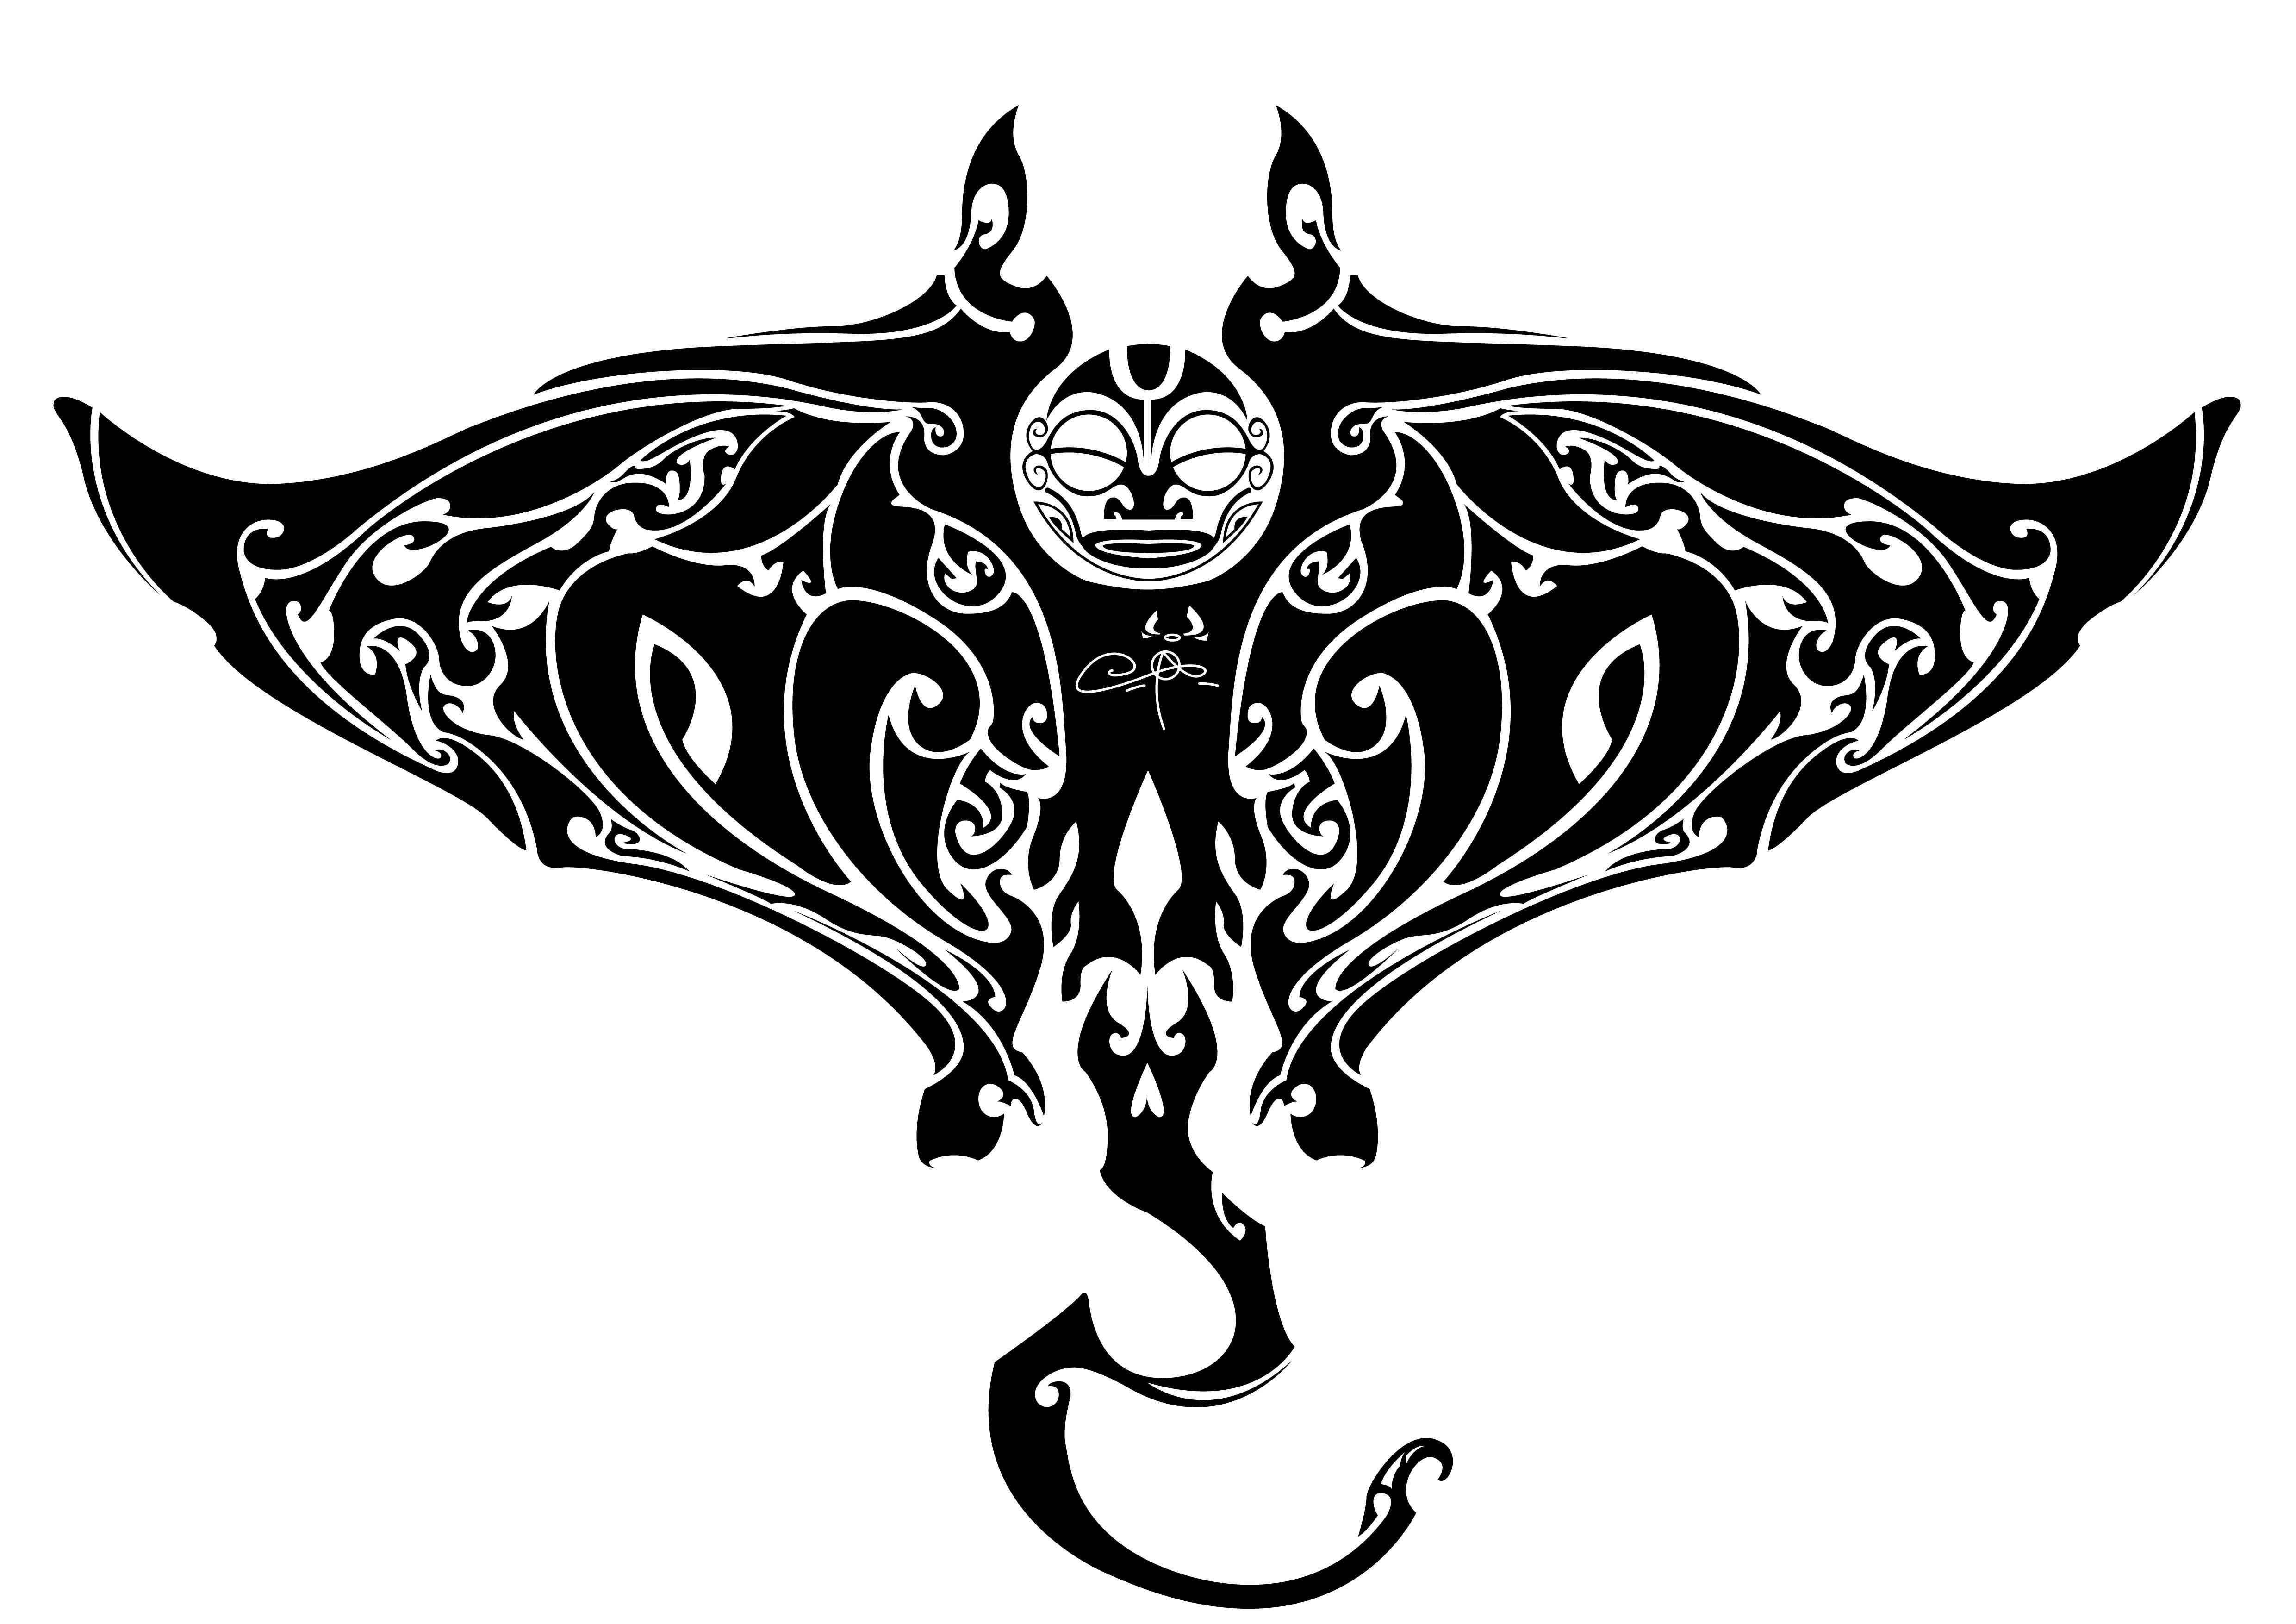 Maori Manta Ray Tribal Tattoo Meaning